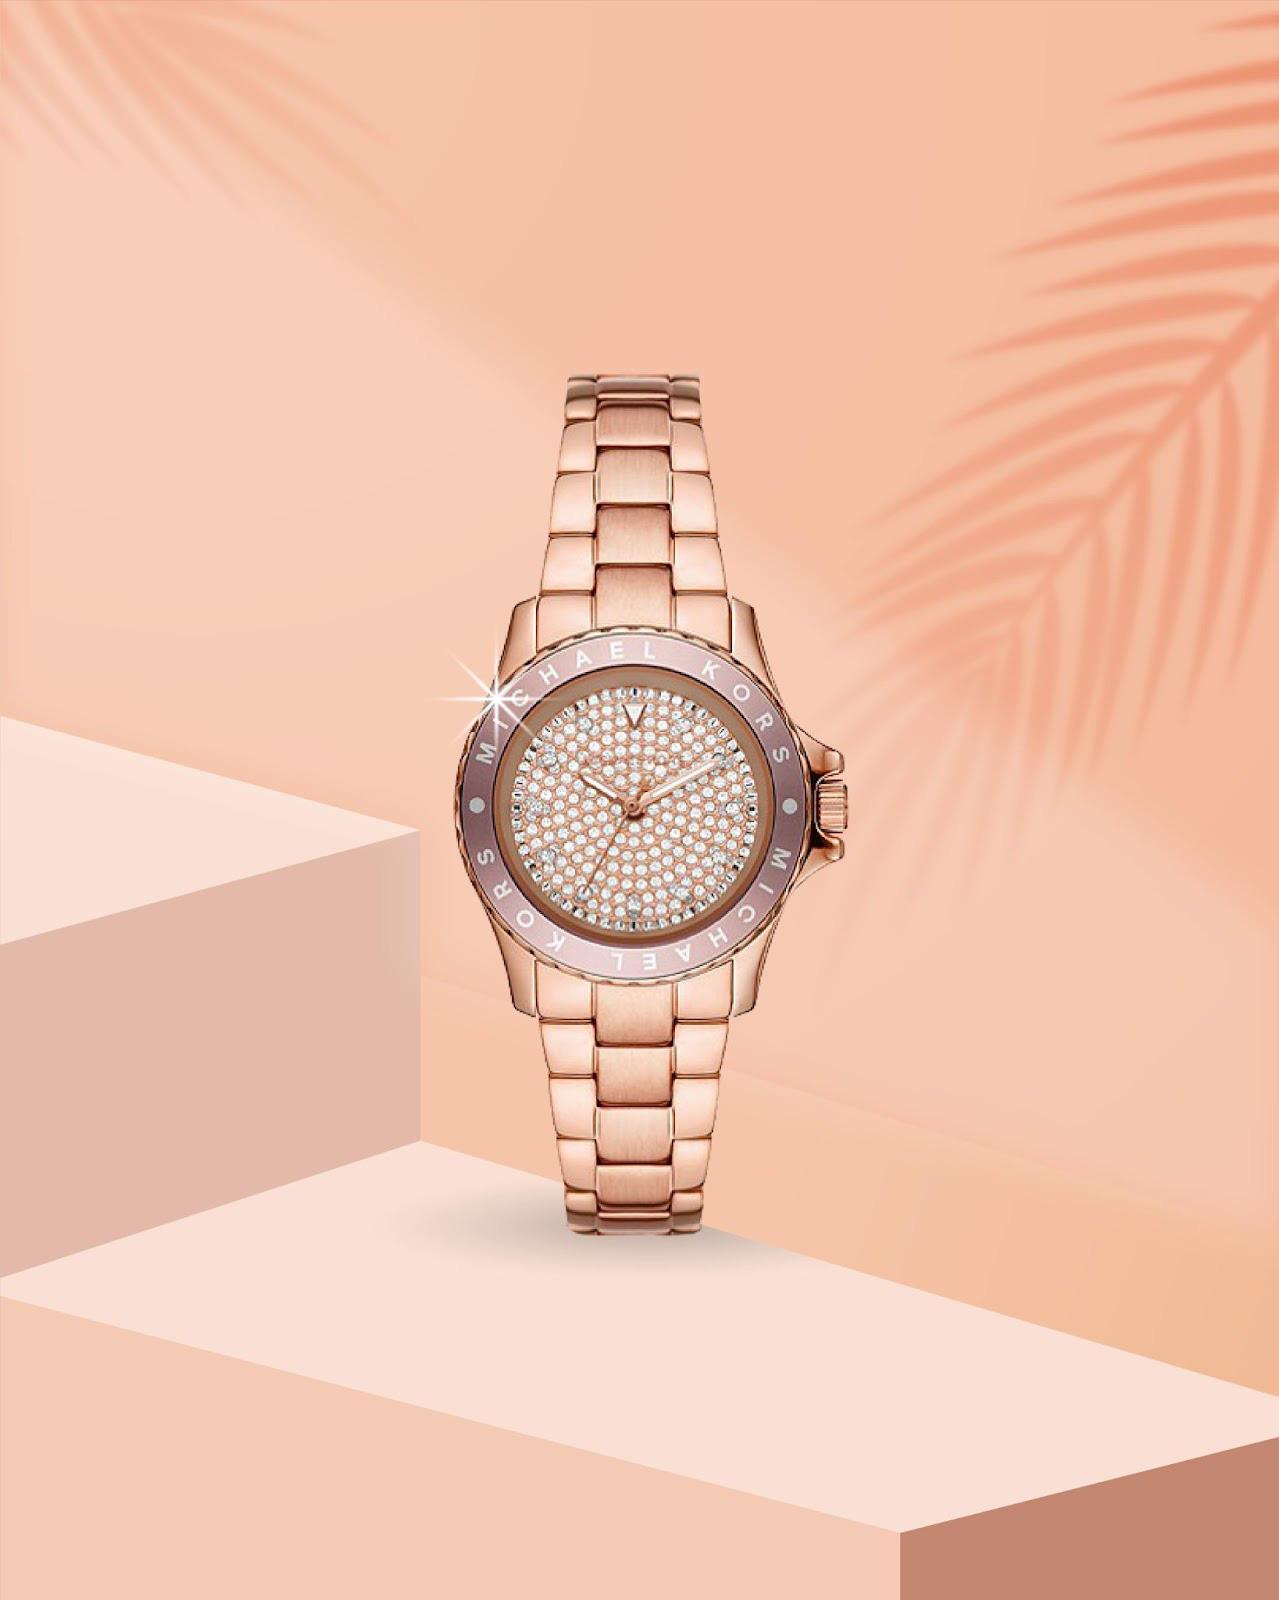 Top đồng hồ Michael Kors nữ mẫu mới vừa ra mắt gây sốt - Ảnh 5.